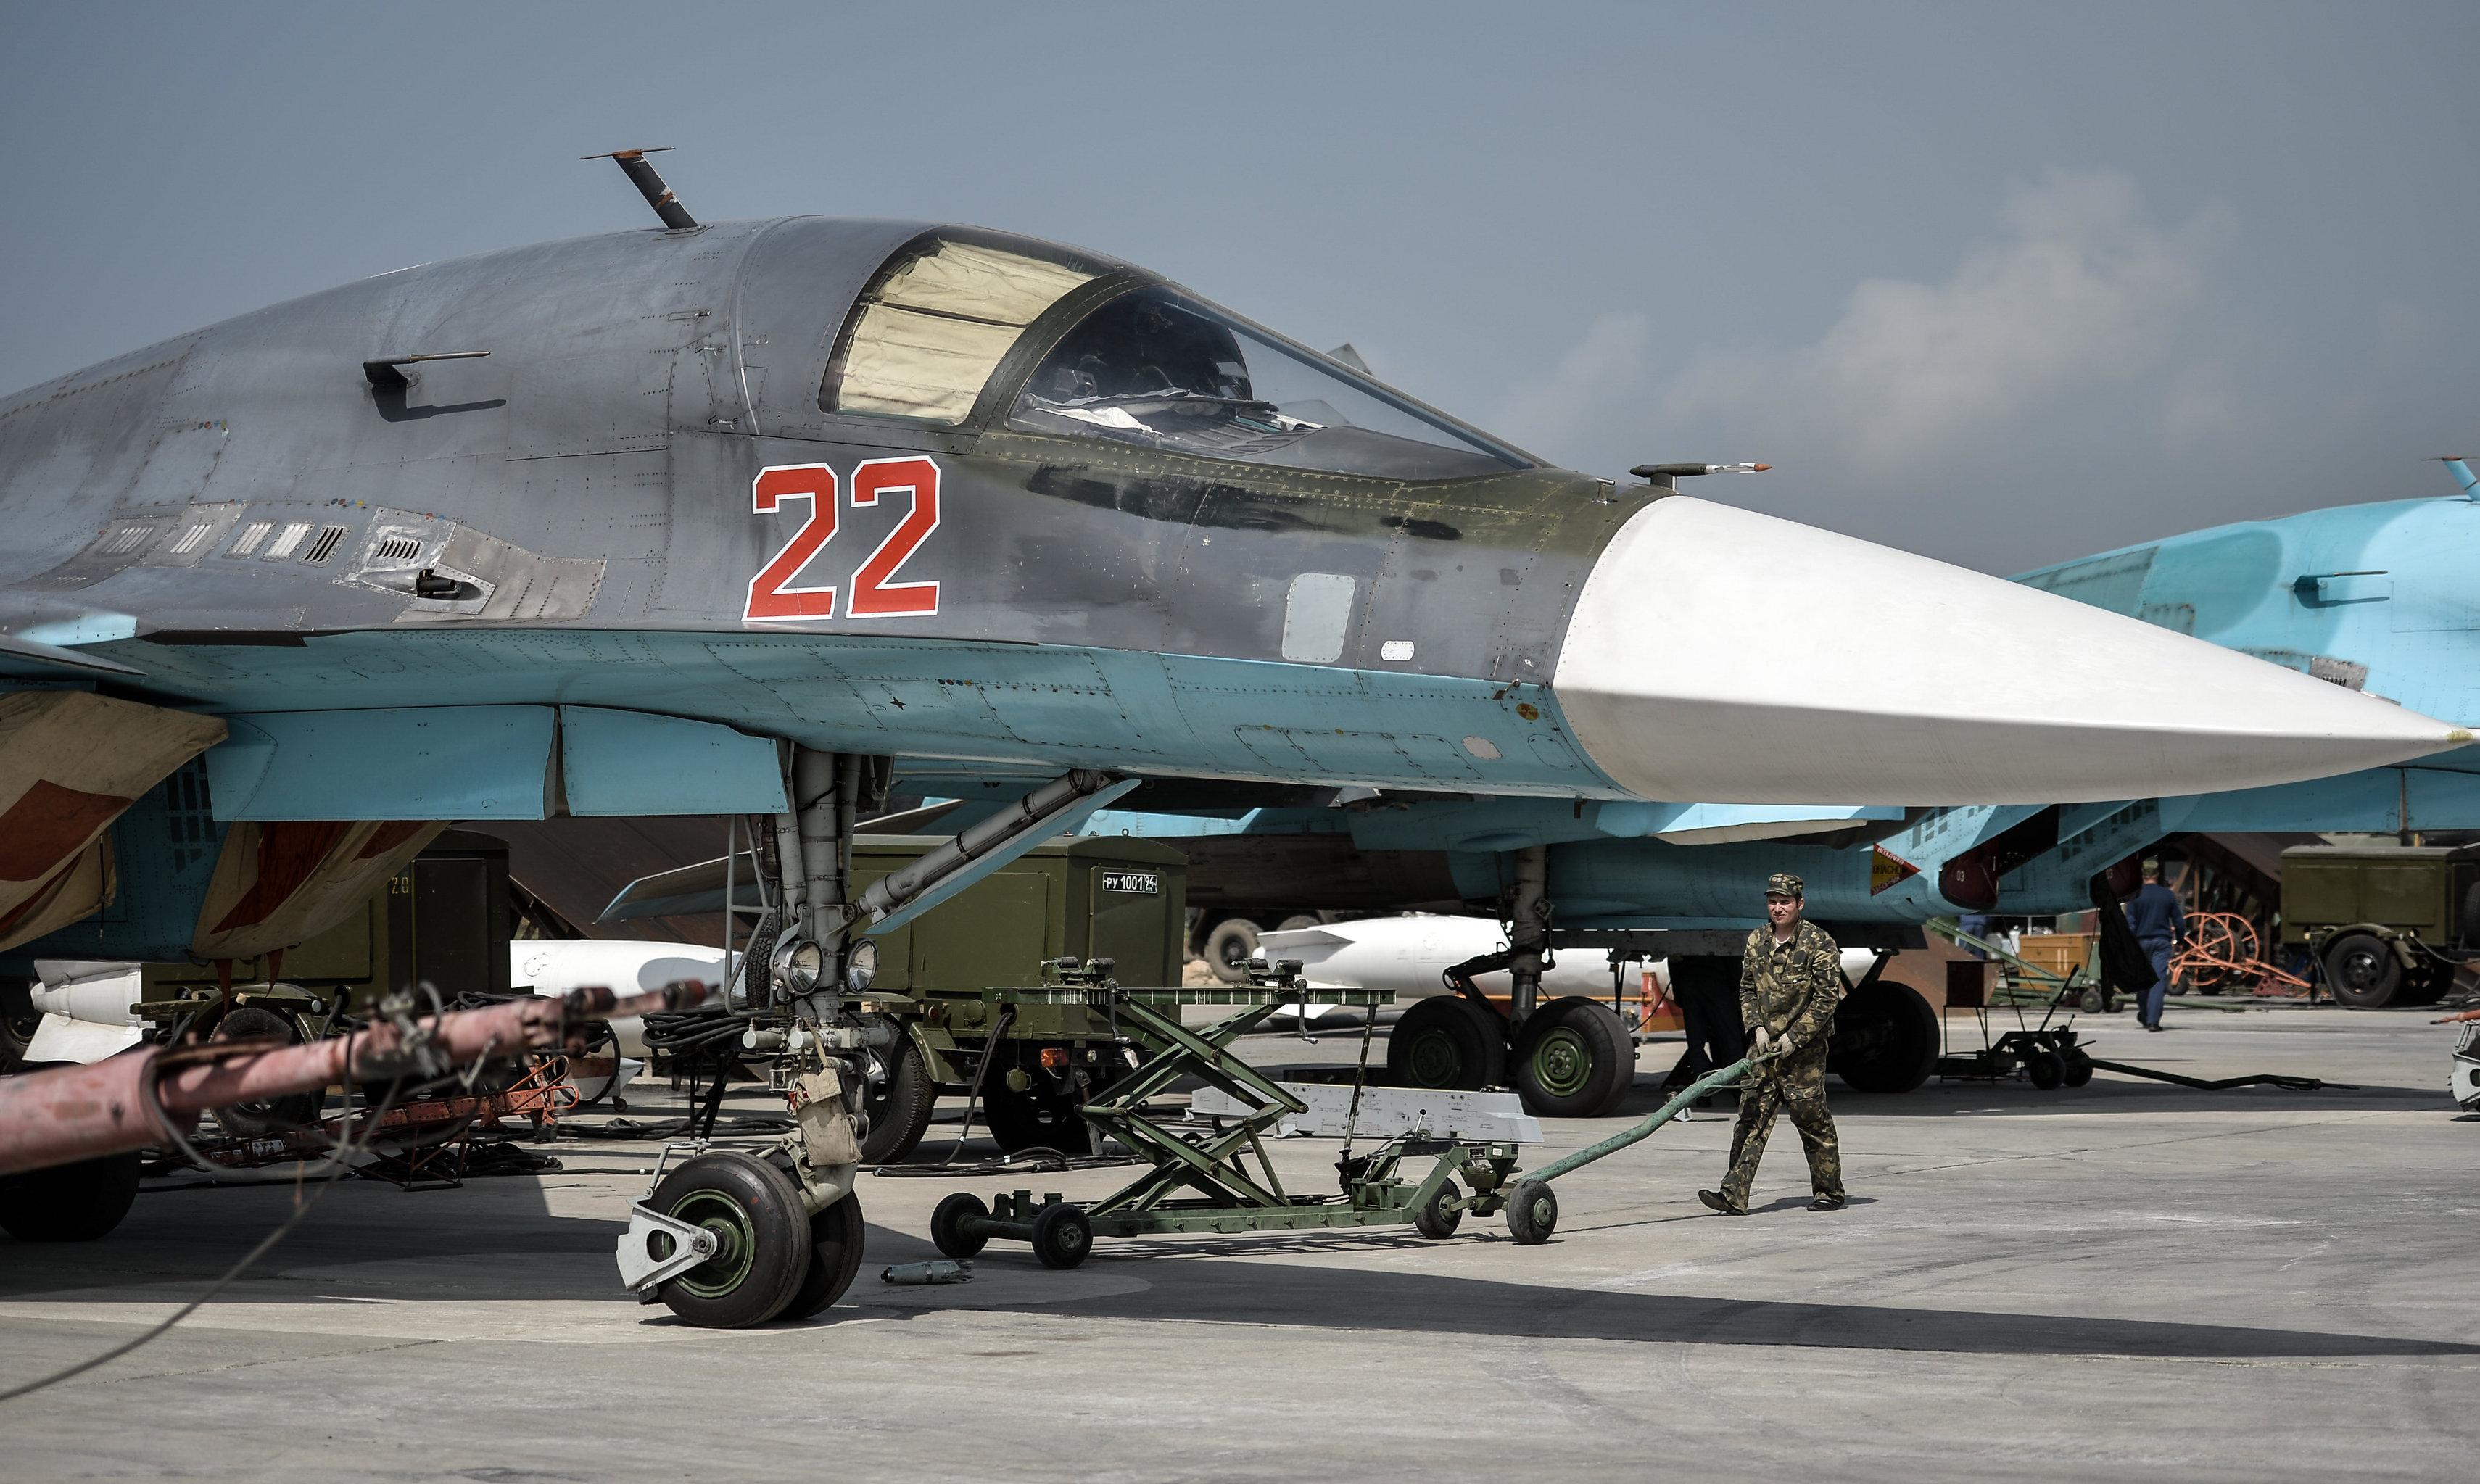 俄罗斯力挺的苏34,多次推销给中国,却始终无法走进中国的大门